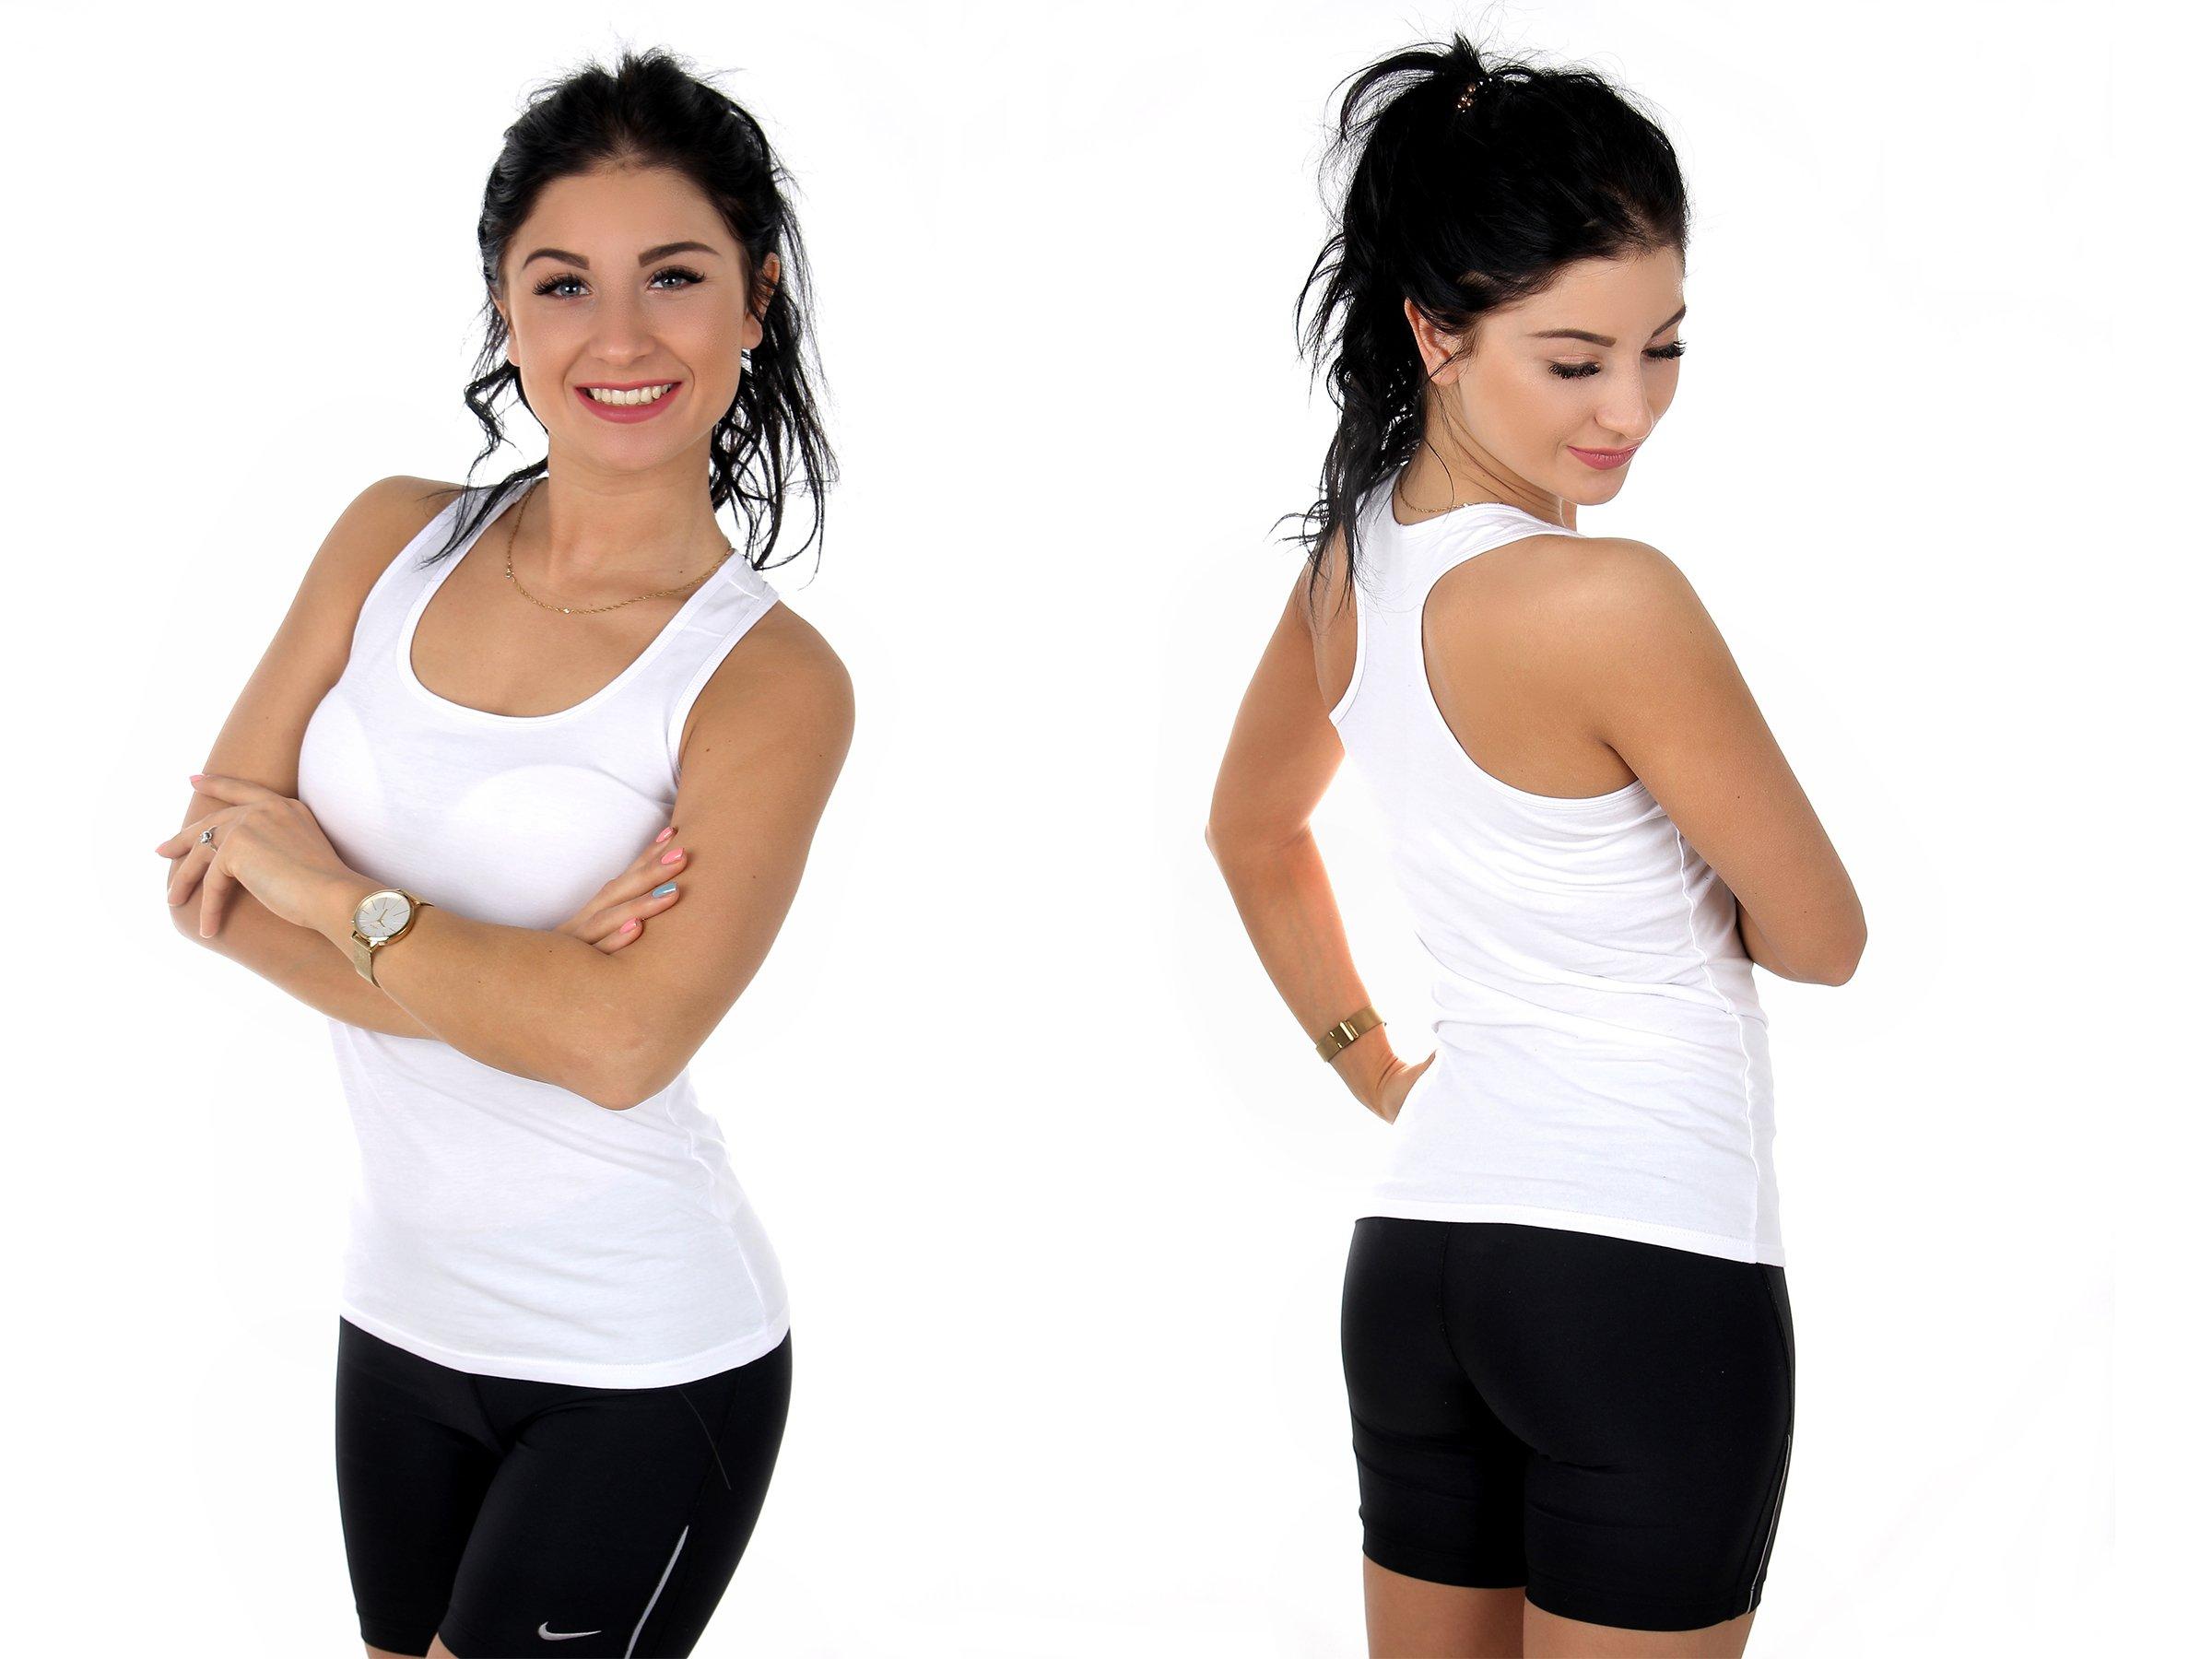 770e0a5899d35d Sportowa BOKSERKA DAMSKA fitness KOSZULKA bawełna 7413470102 - Allegro.pl - Więcej  niż aukcje.